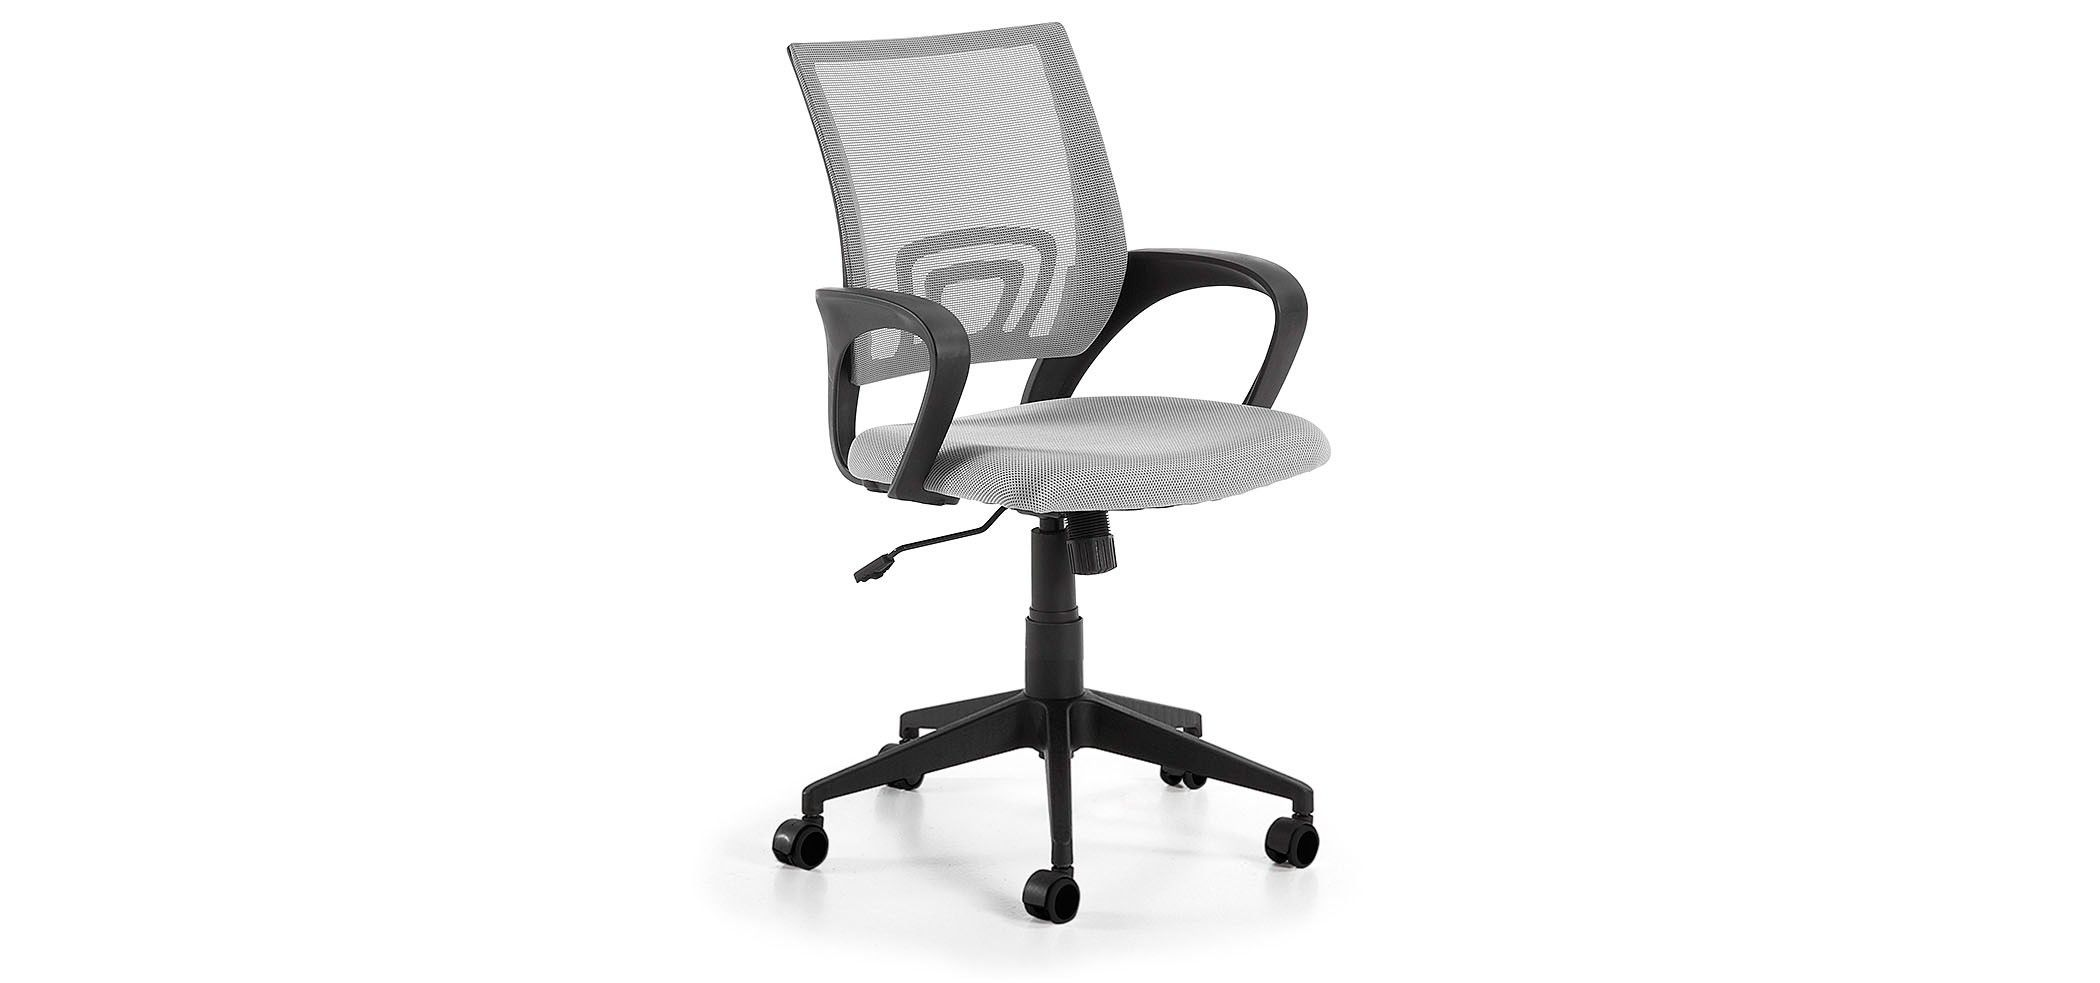 Sillas de oficina silla despacho c modas ebor juli for Sillas de oficina comodas